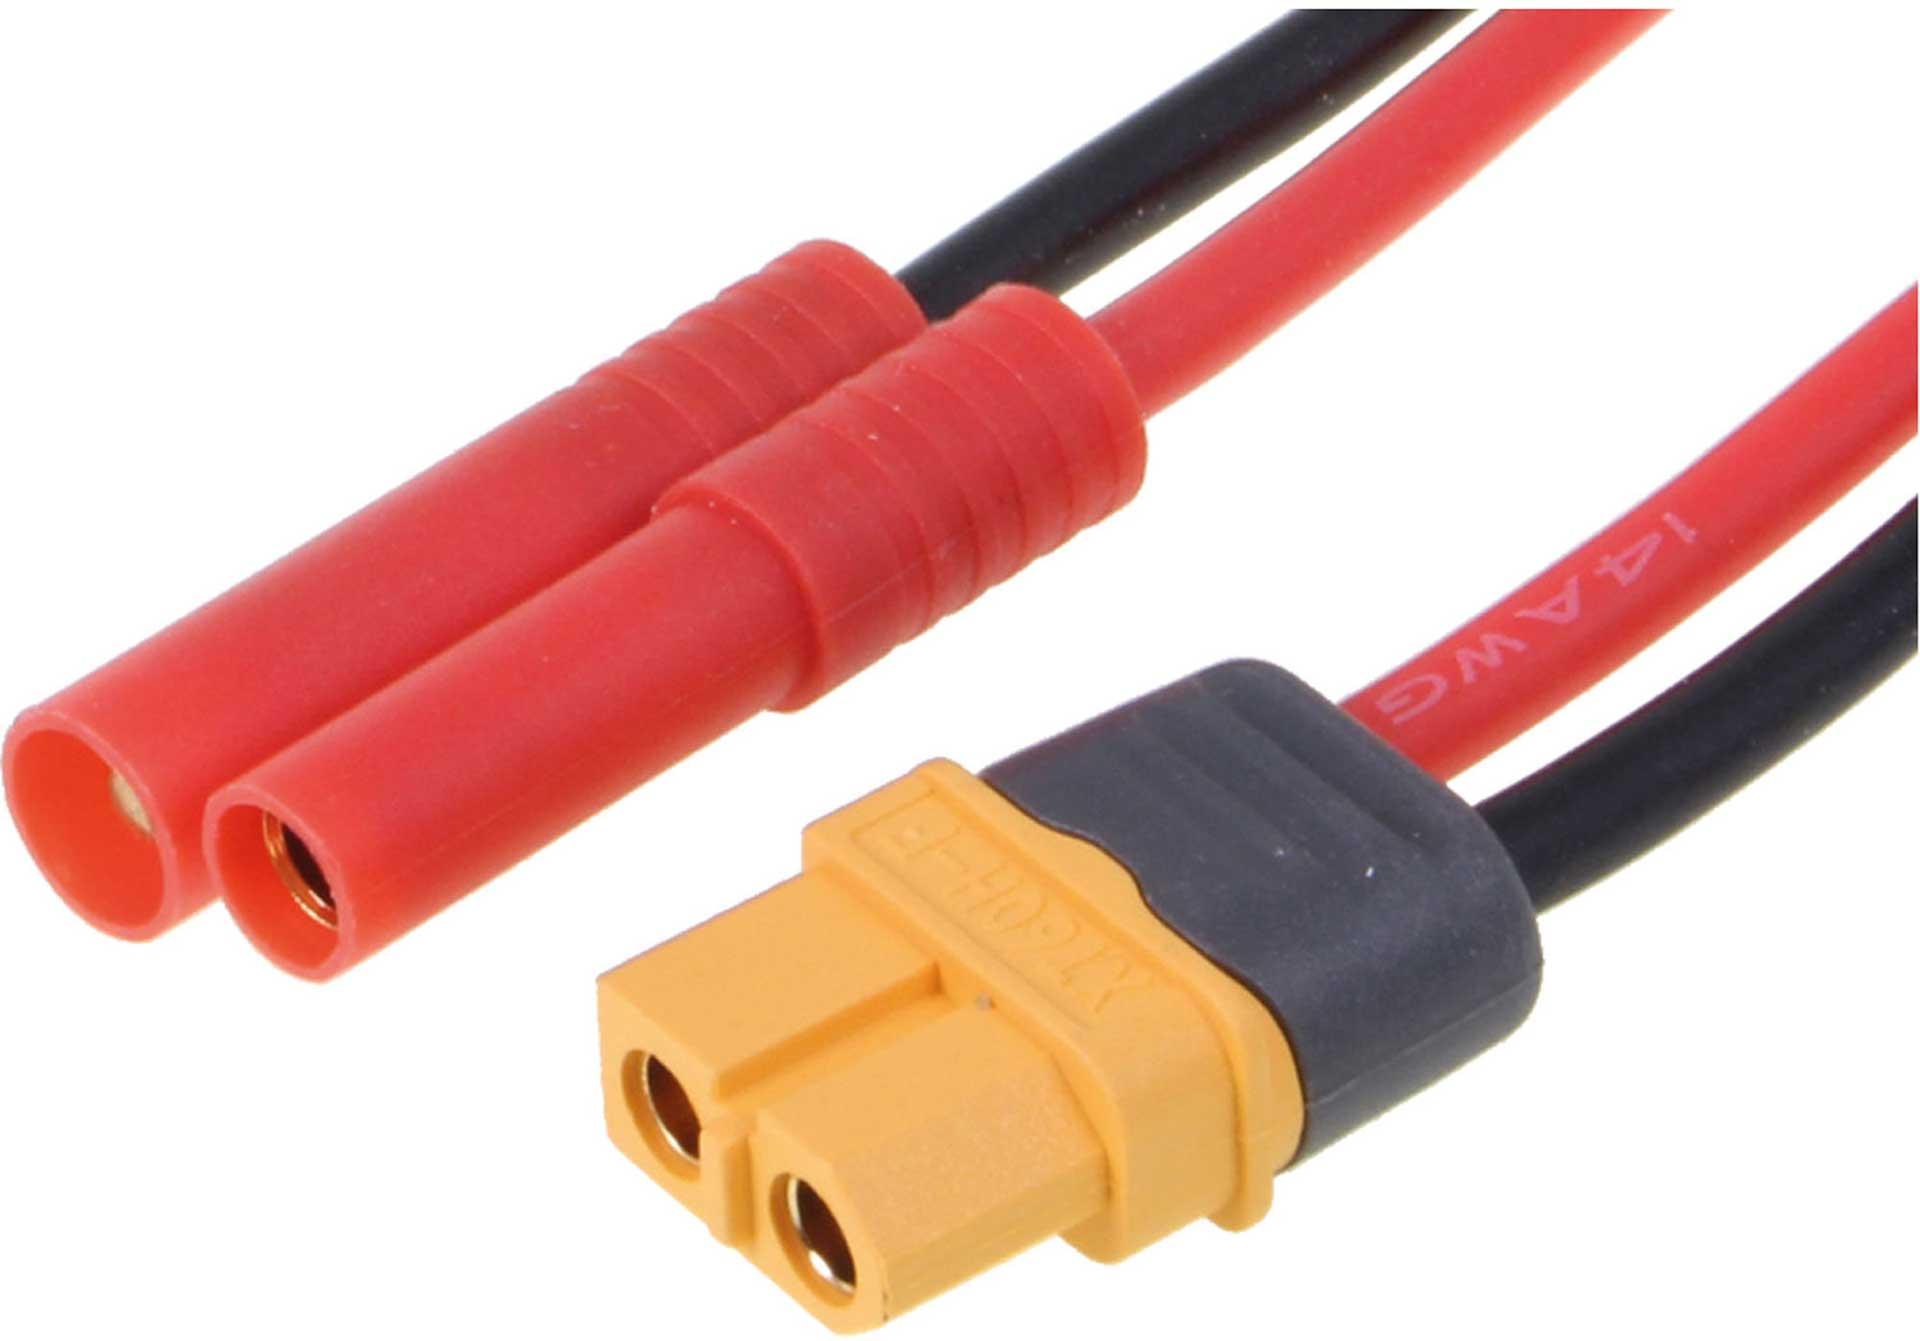 Robbe Modellsport Ladekabel für ISDT/SKYRC 4MM Goldkontakt Stecksystem 1X Stecker, 1X Buchse Ladegerätseite = XT-60 Buchse,500MM, 14AWG 1Stk.